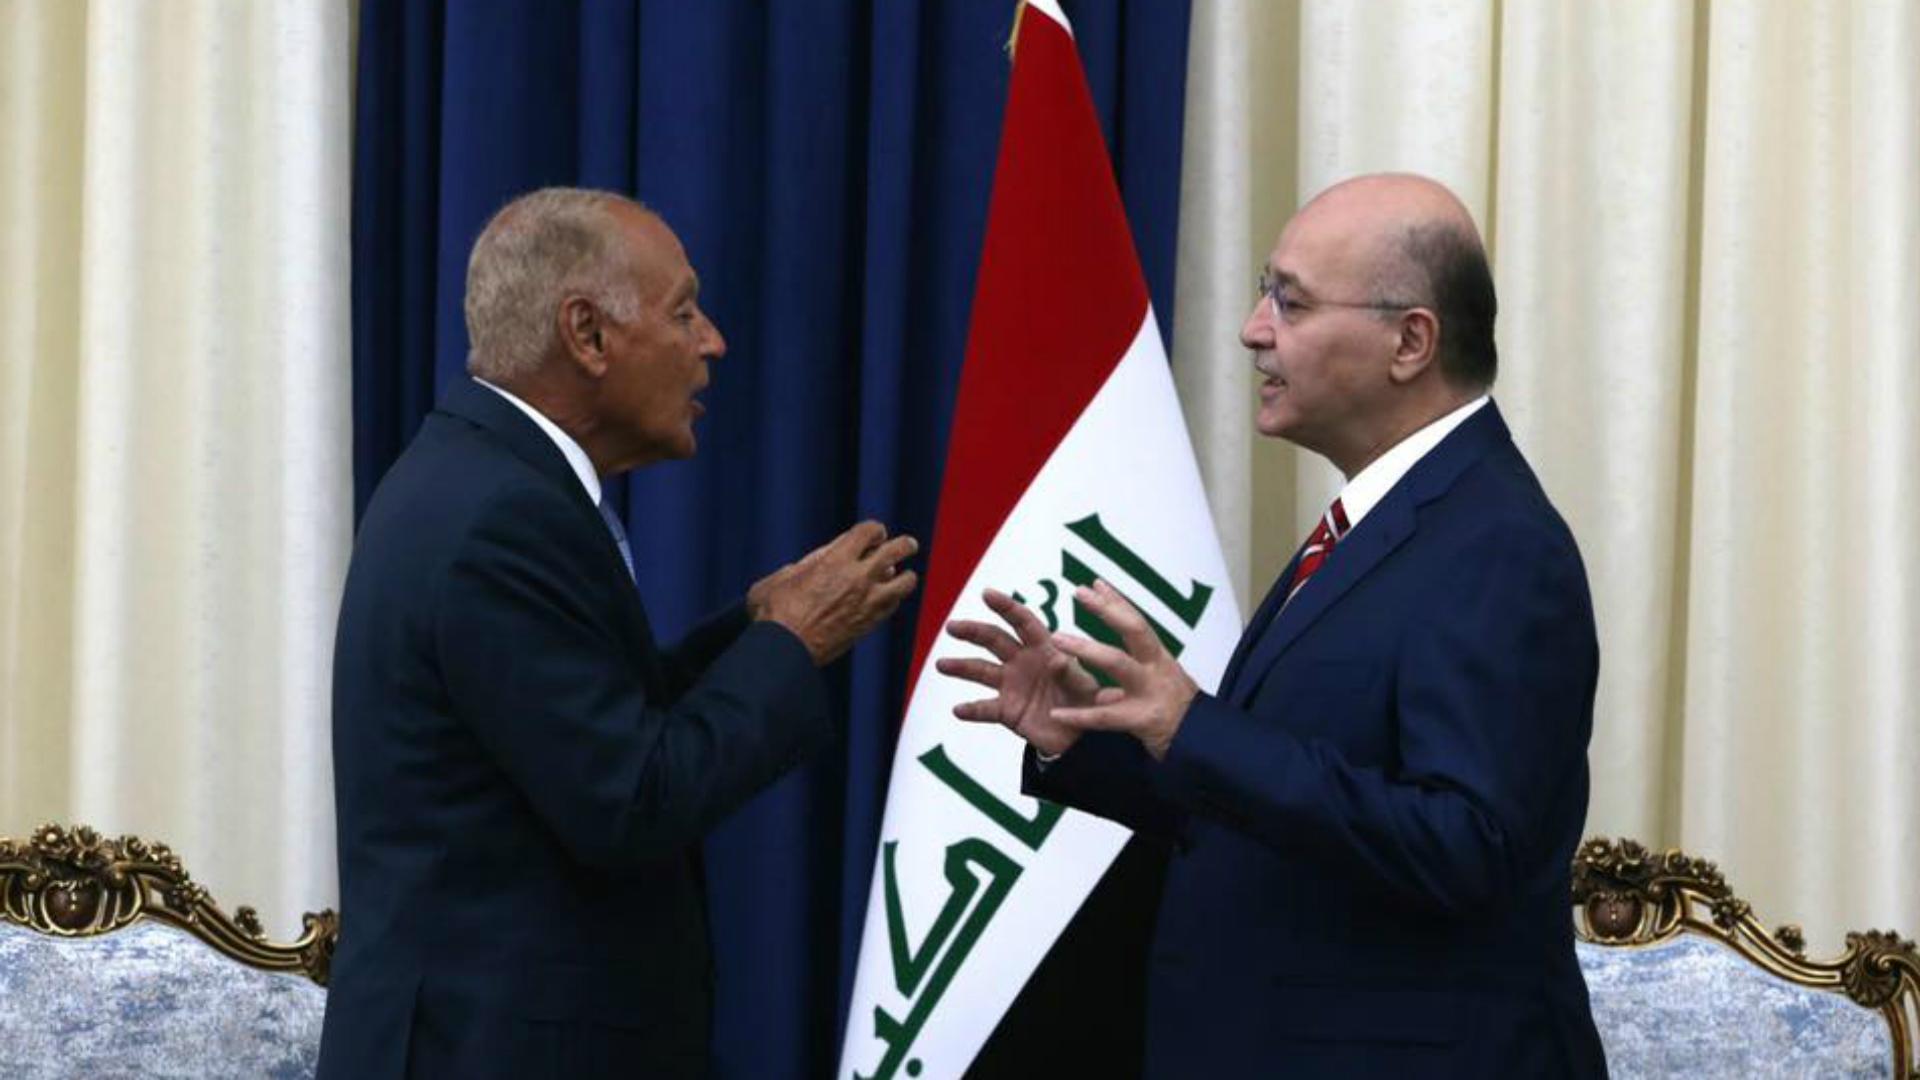 صالح: موقف العراق يعضّد جهود تخفيف التوتر في المنطقة